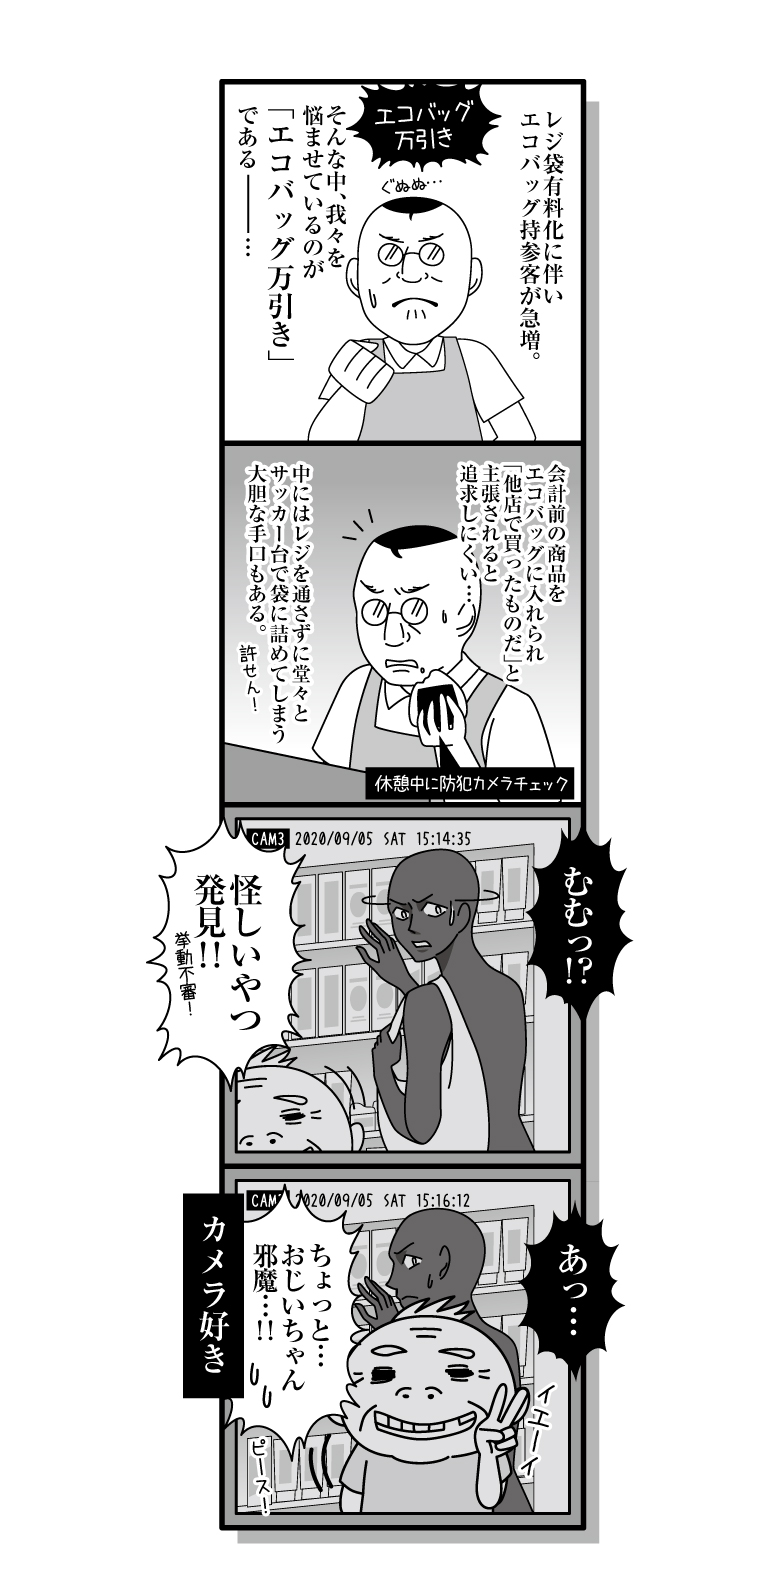 200905_manga